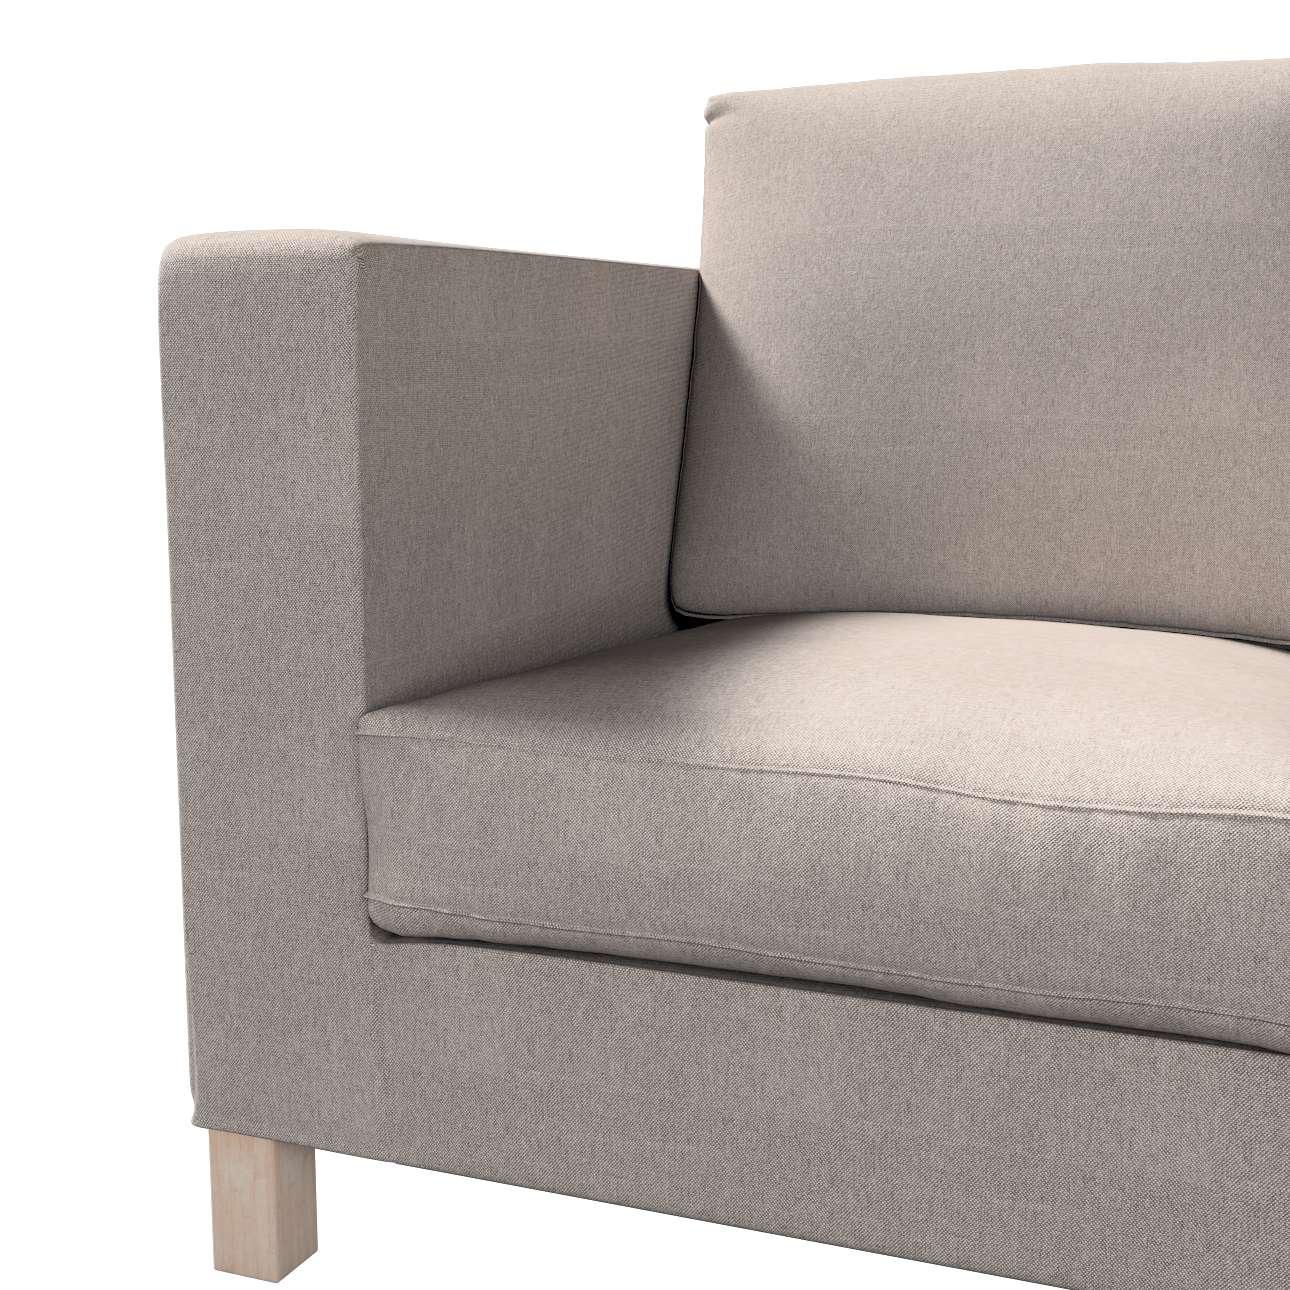 Pokrowiec na sofę Karlanda 3-osobową nierozkładaną, krótki w kolekcji Etna, tkanina: 705-09